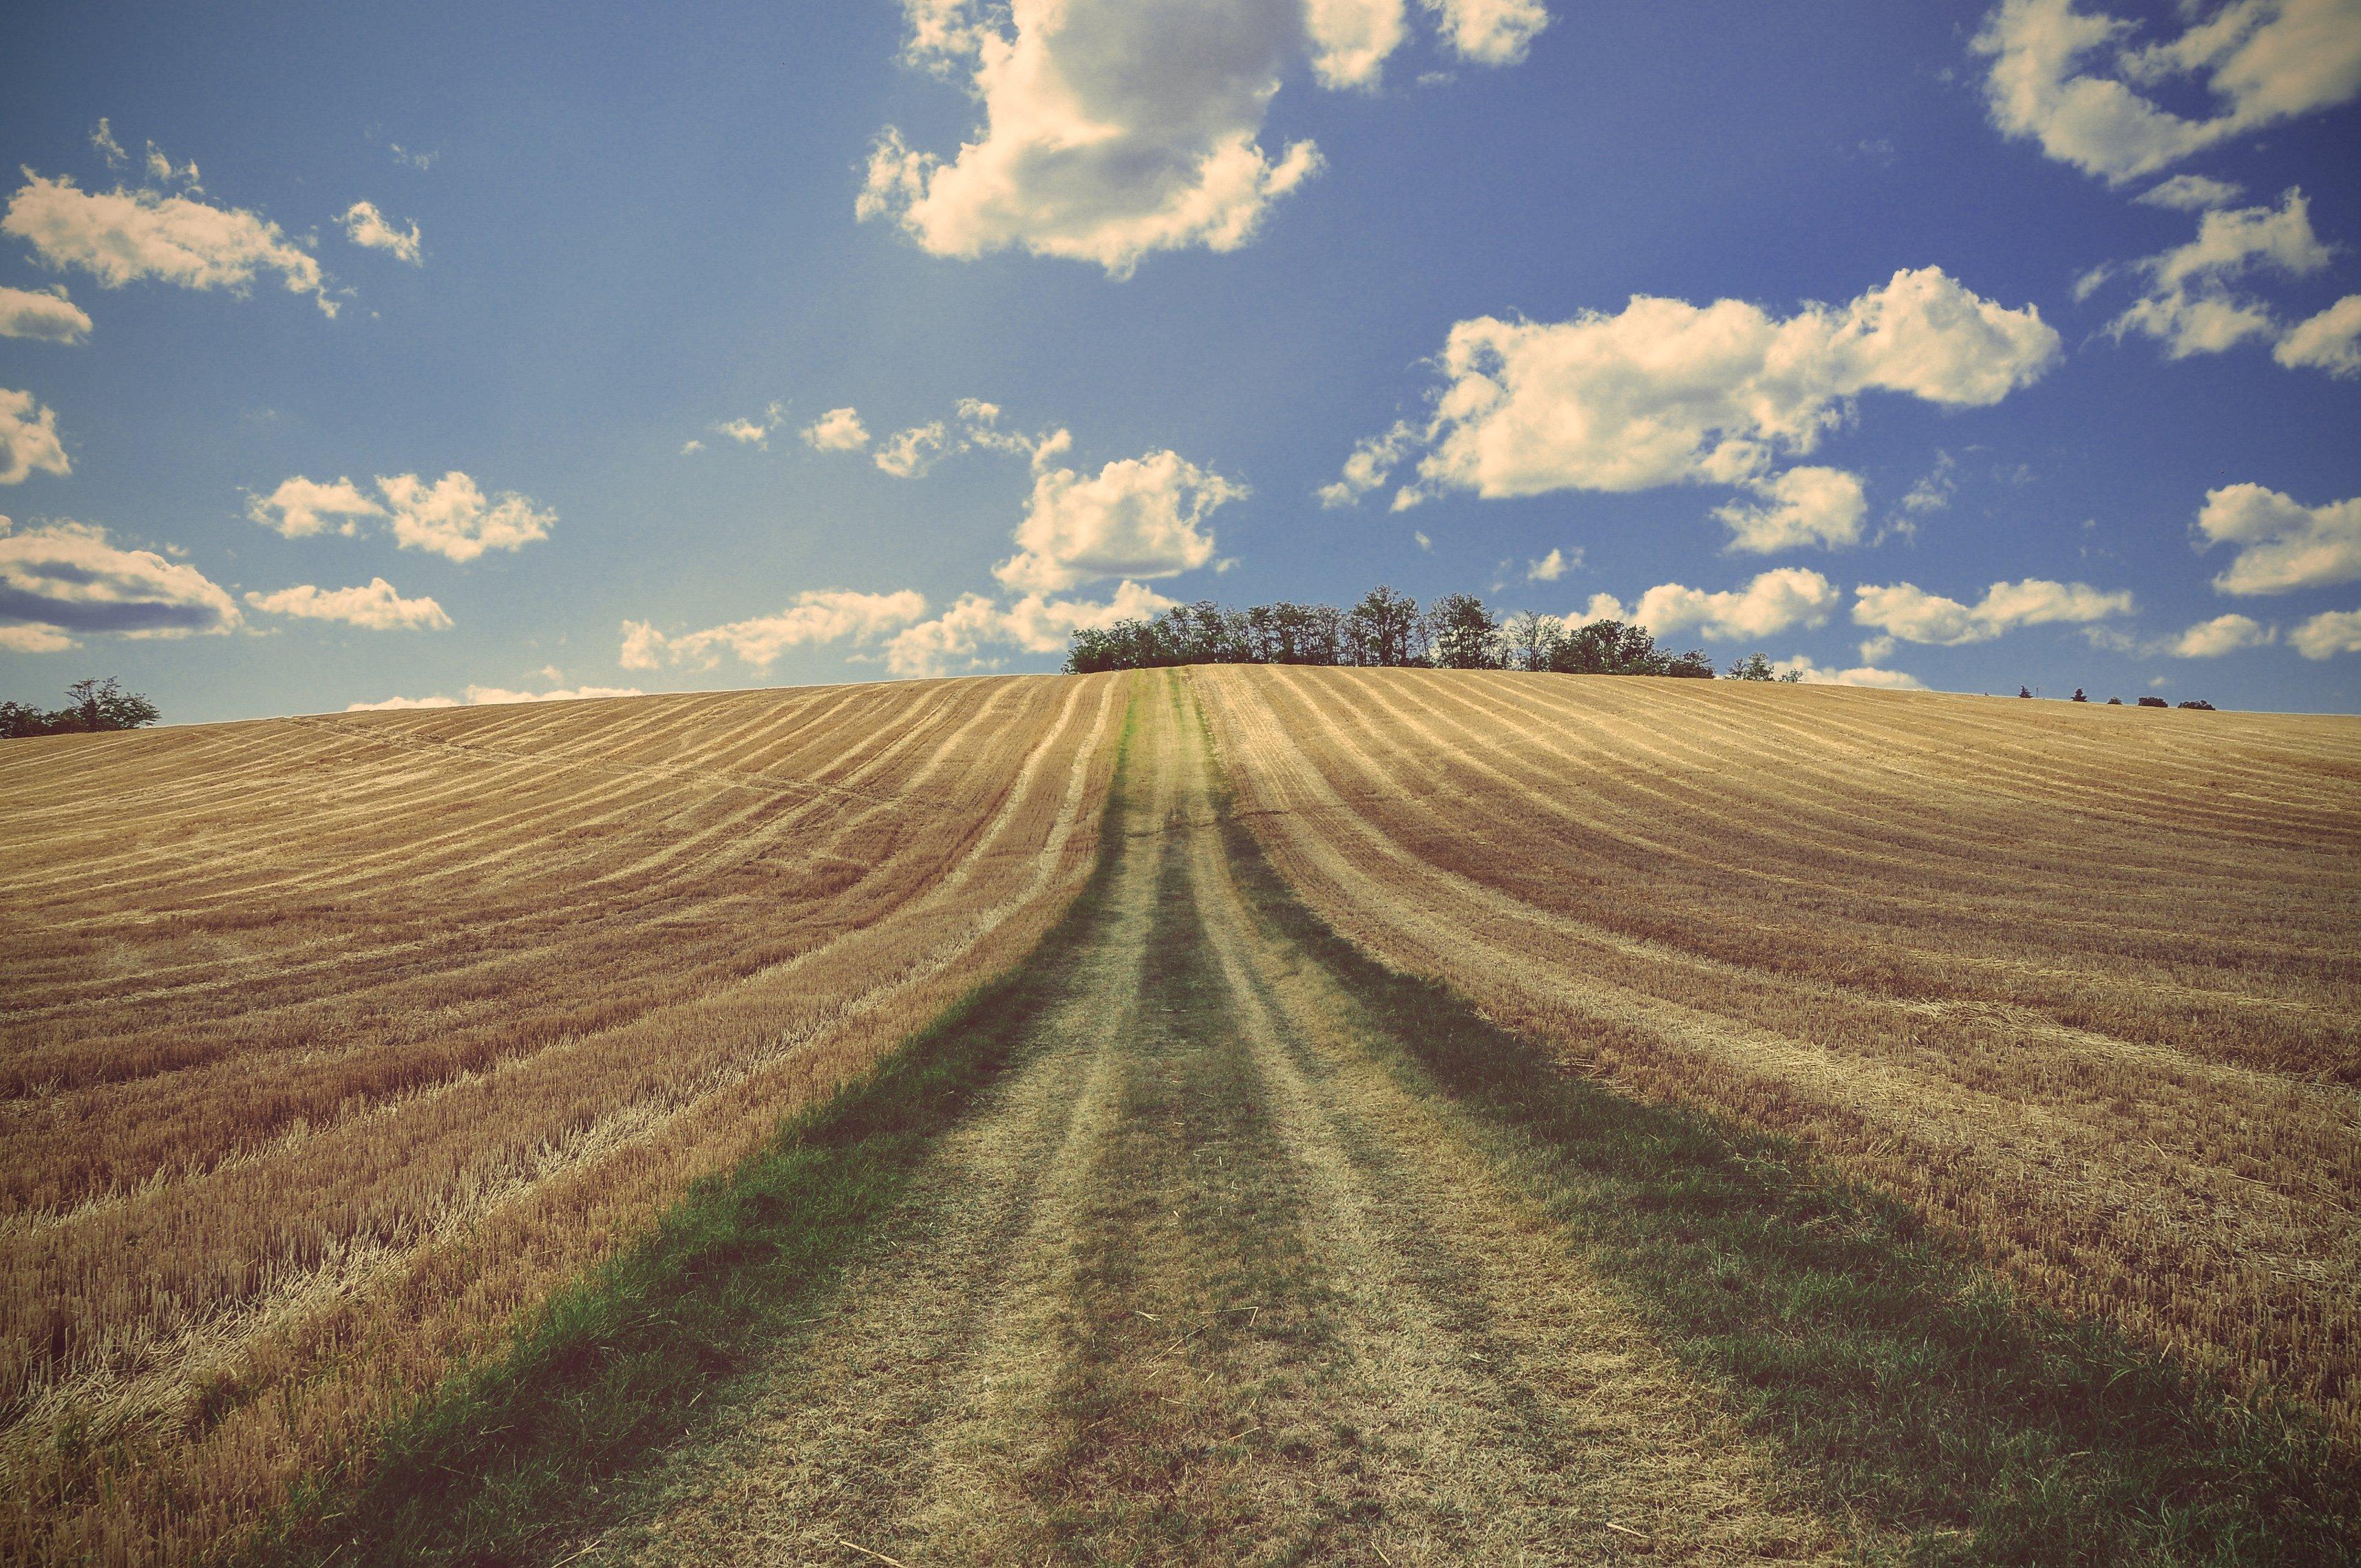 probleme industrielle landwirtschaft